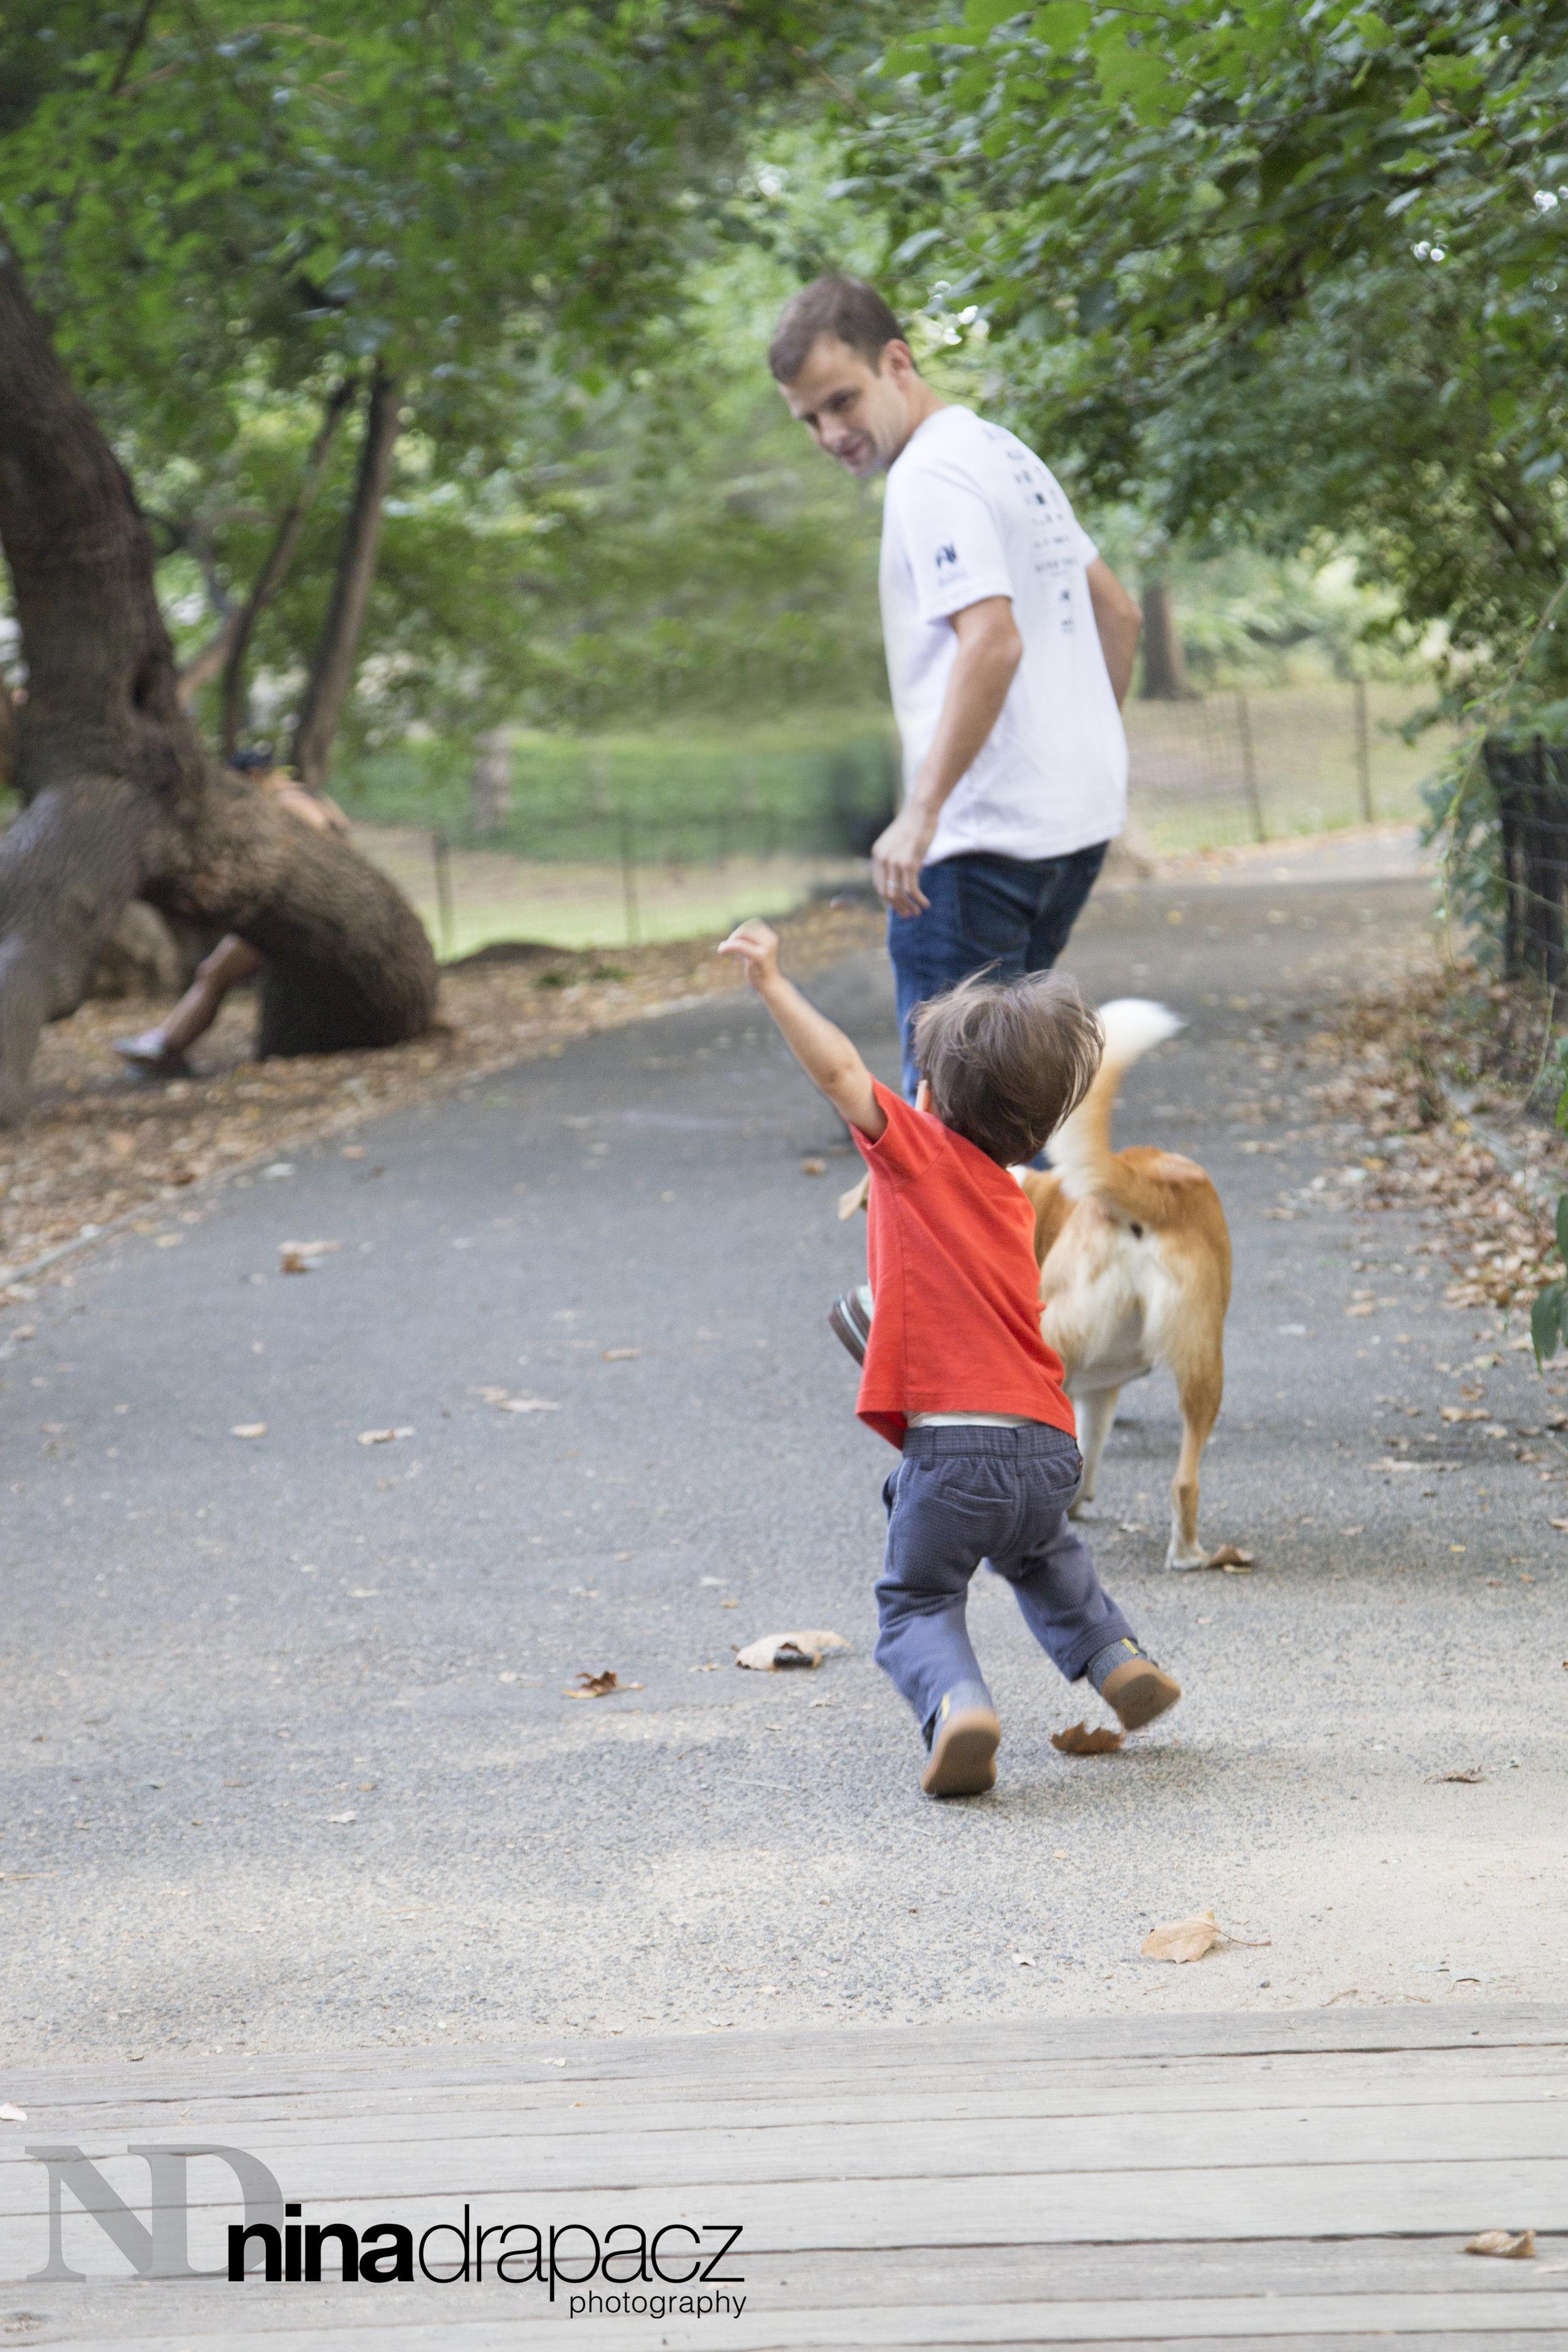 boyand dog3.jpg